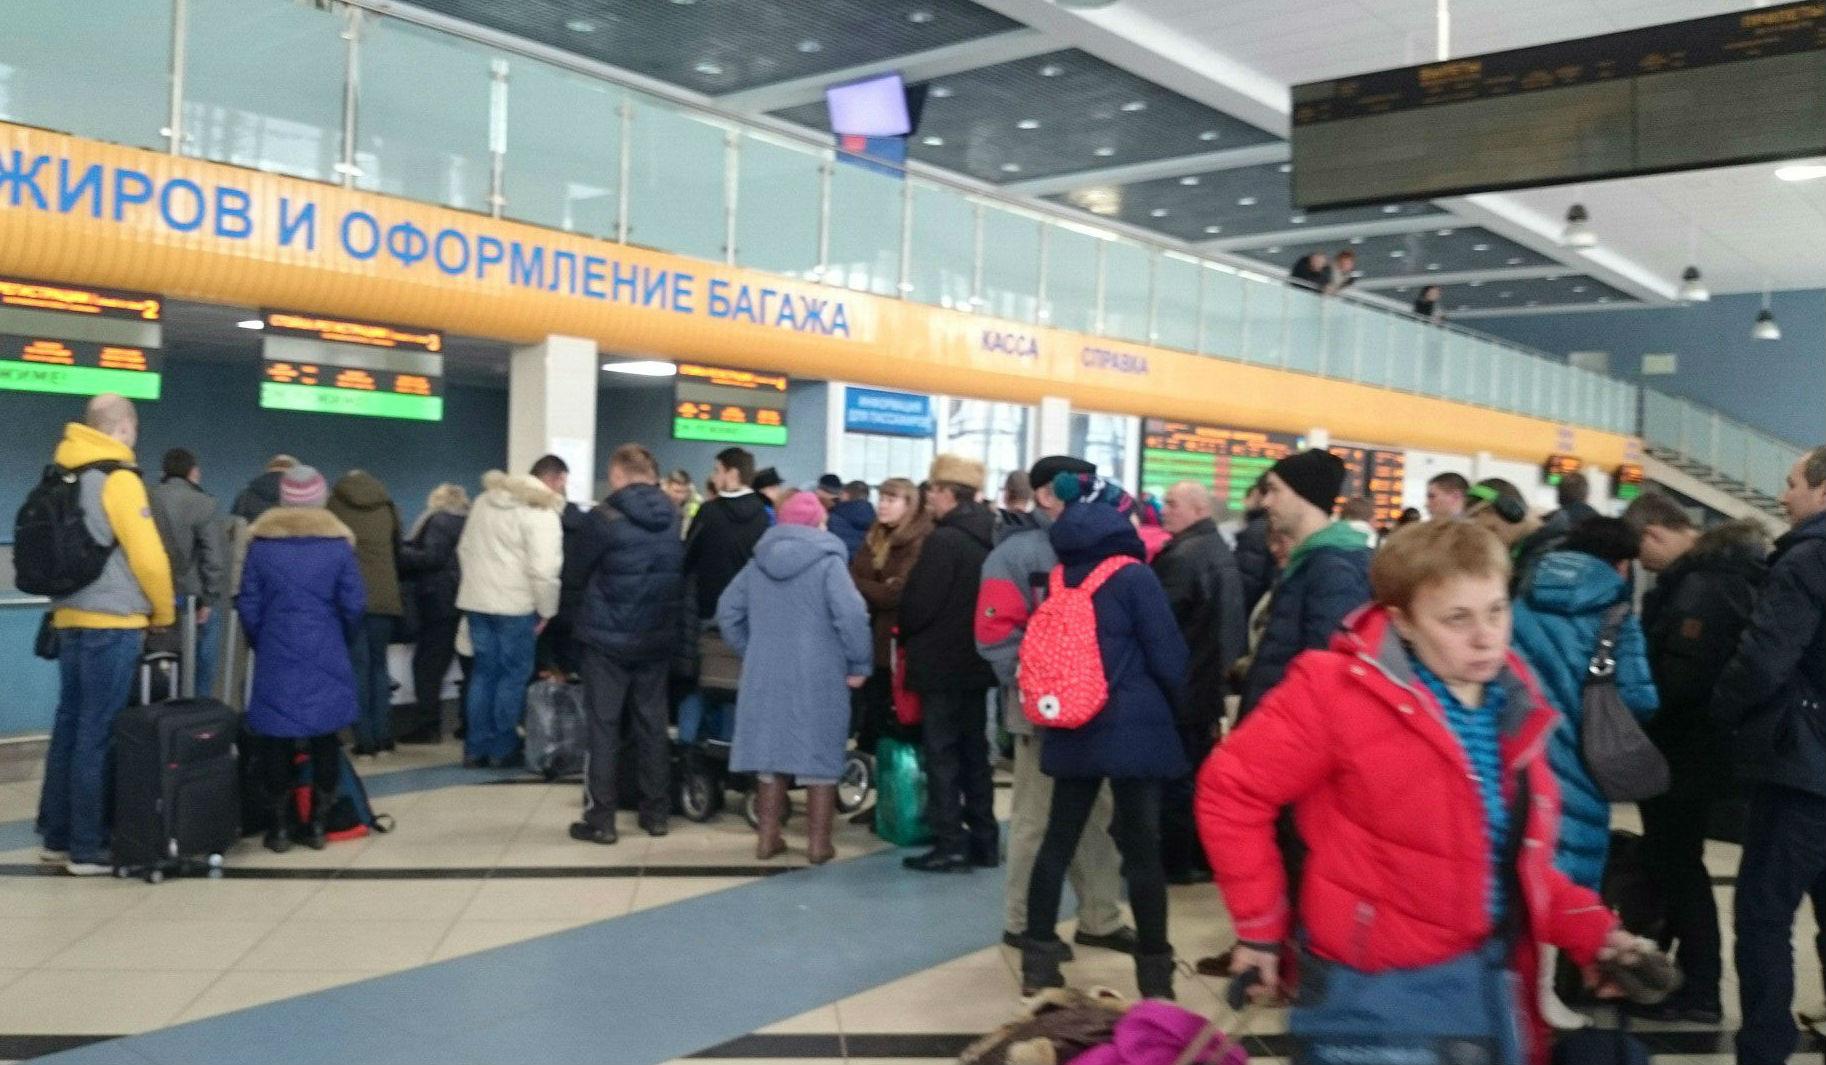 Несколько рейсов задержались в аэропорту Сыктывкара из-за отключения электроэнергии